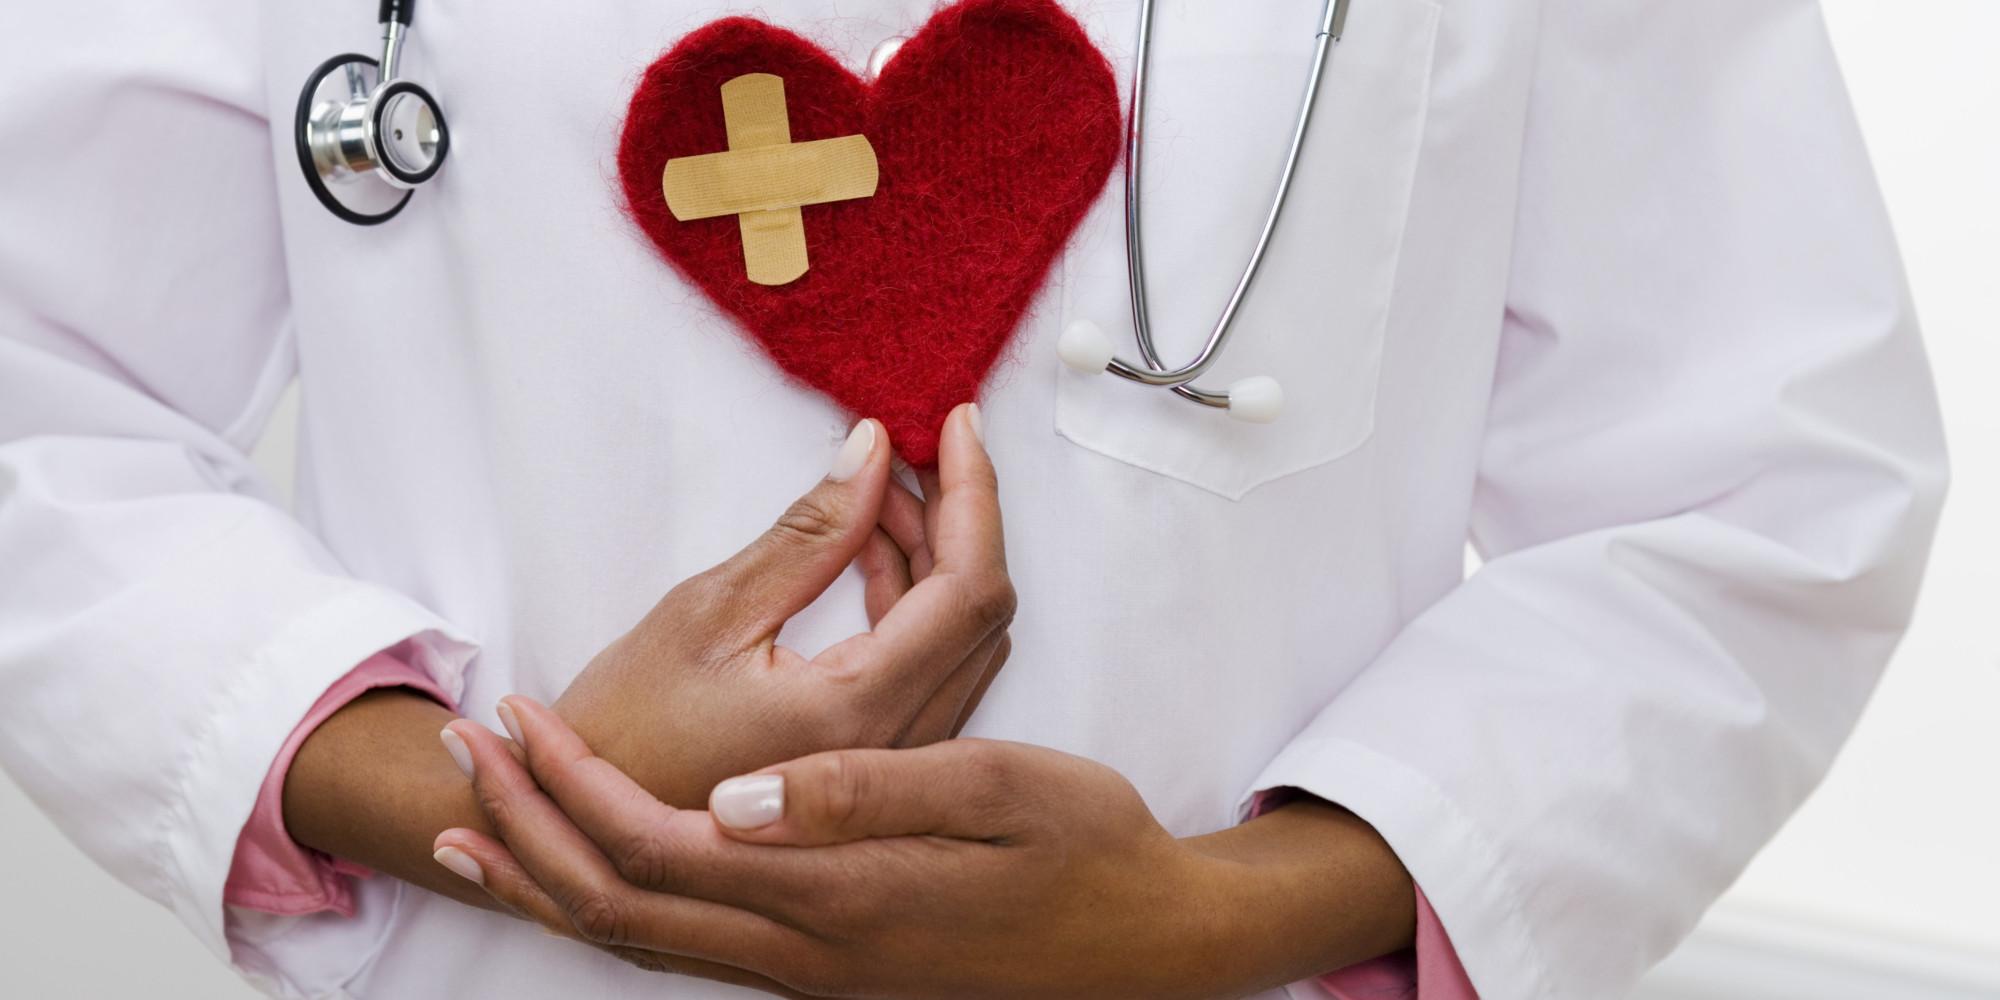 основные причины сердечной аритмии